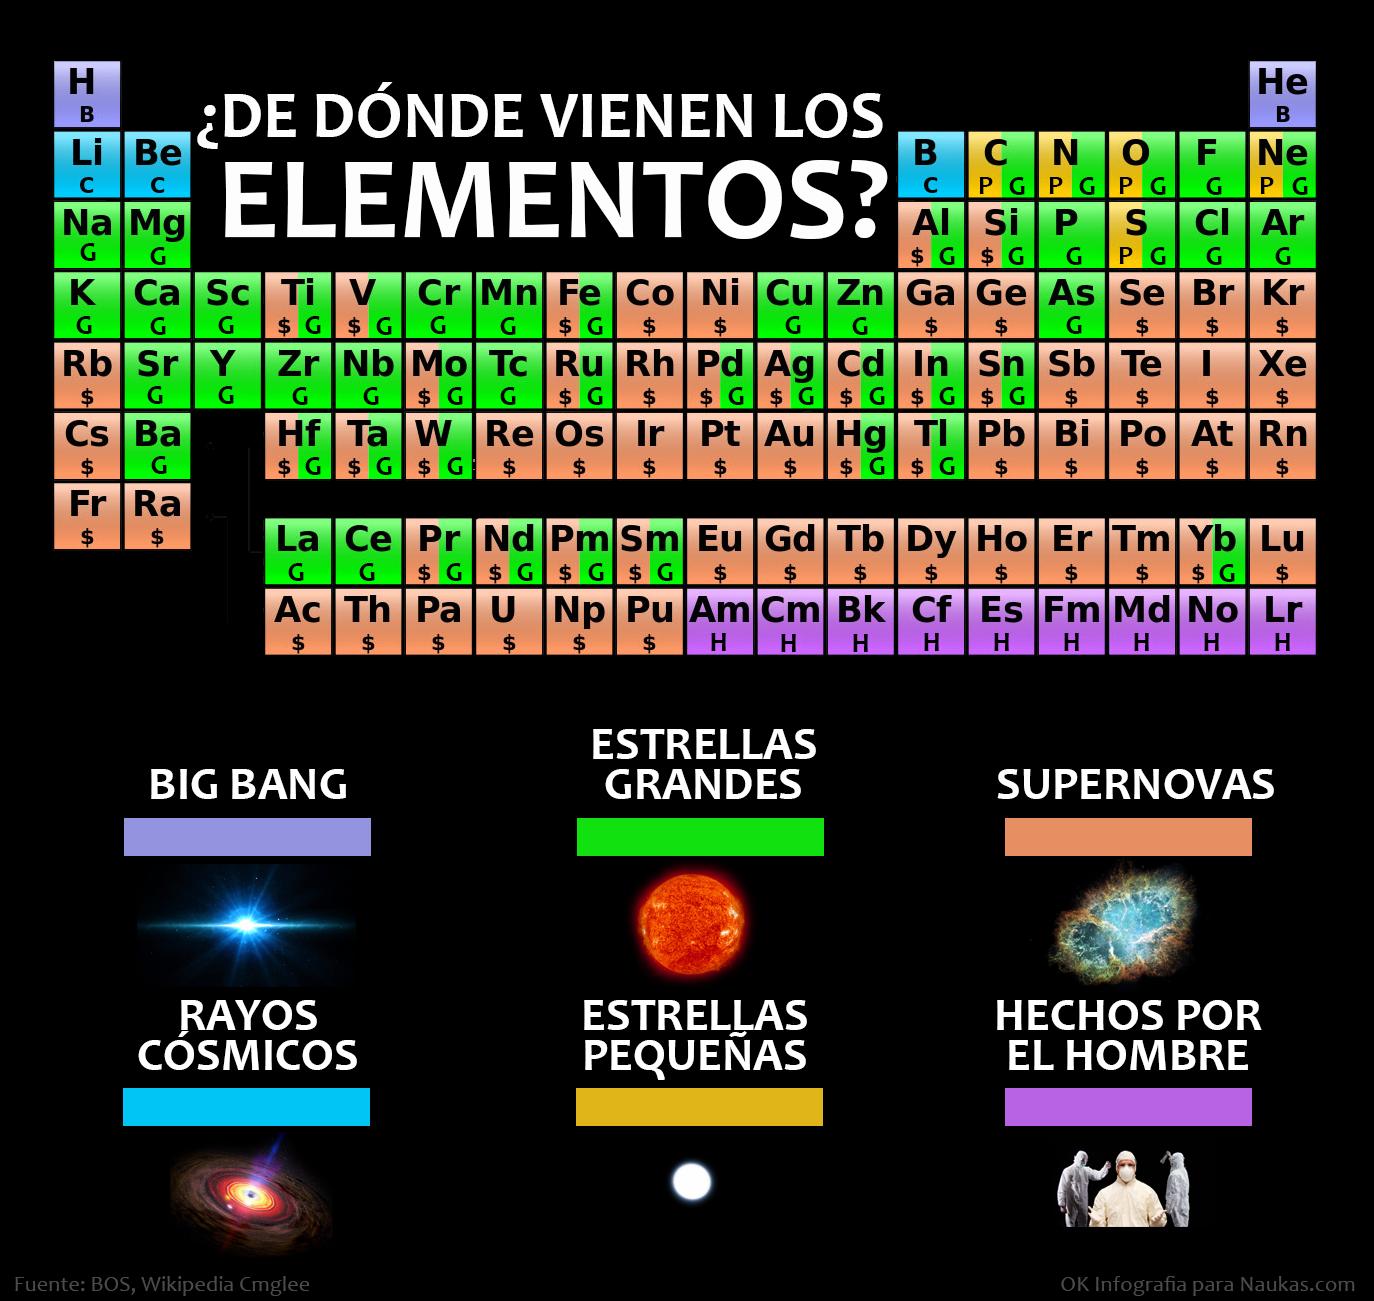 de dnde vienen los elementos - Tabla Periodica De Los Elementos Quimicos En Grande